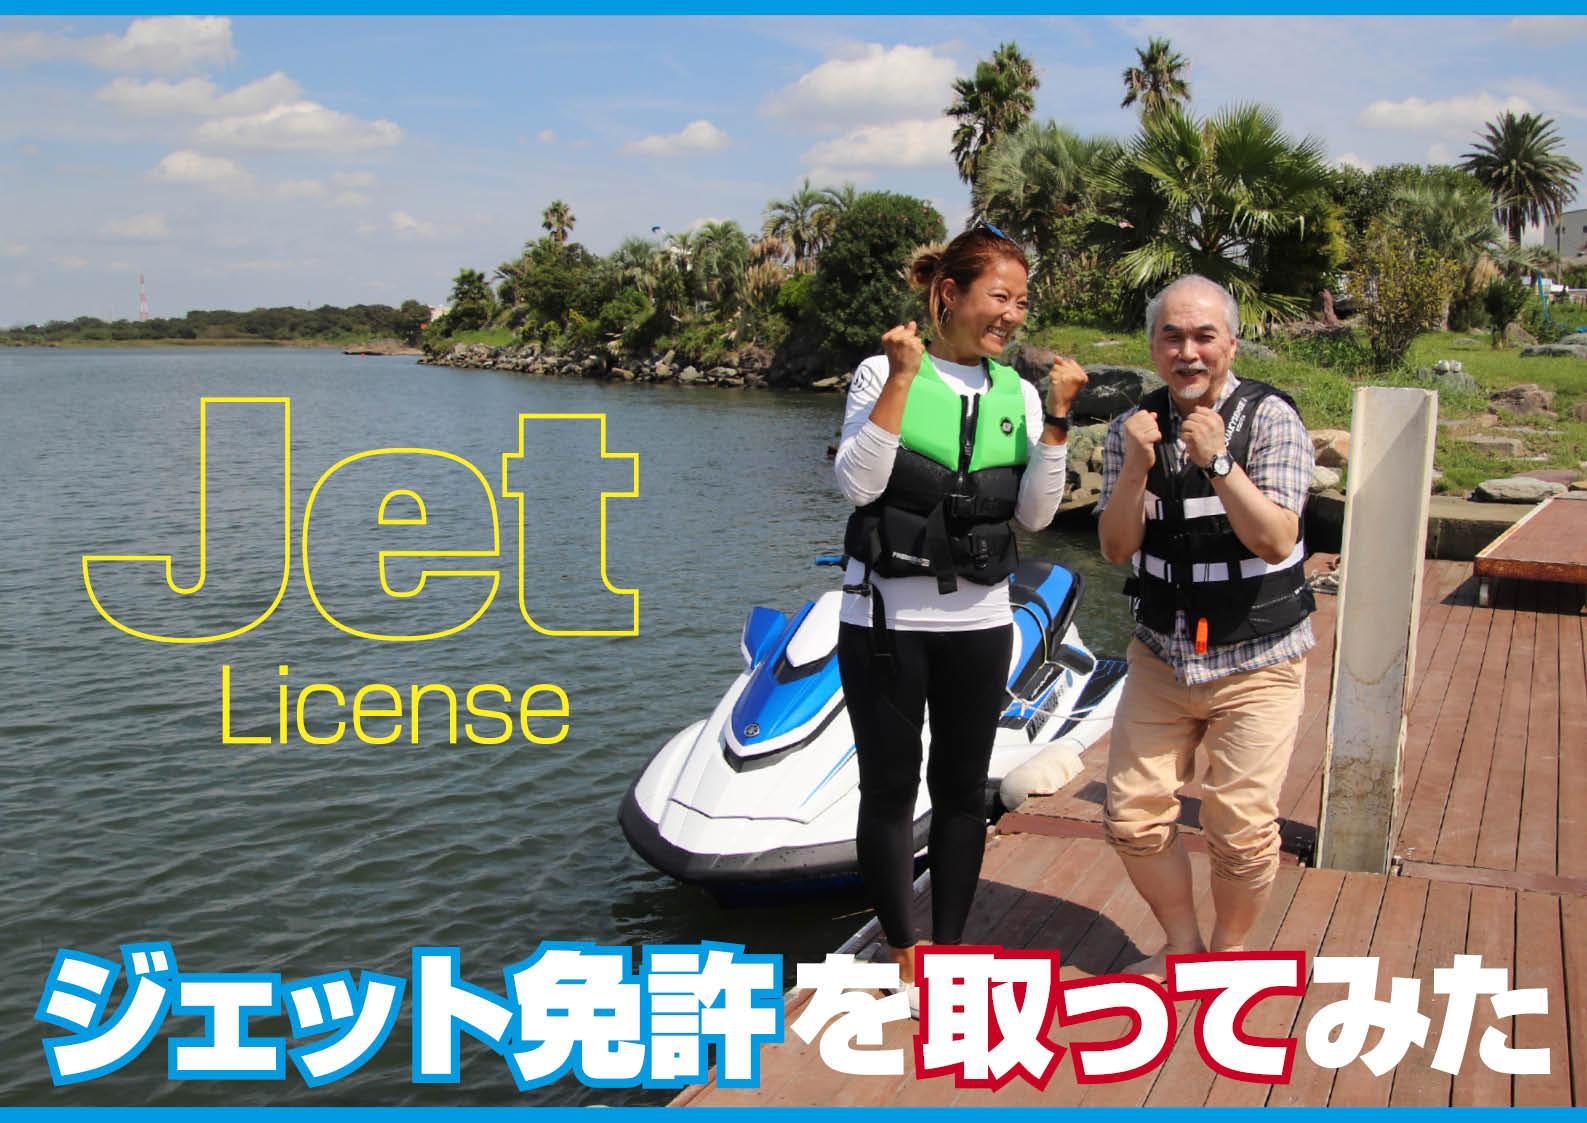 ジェットスキー(水上バイク)の免許を取ってみた 体験記1(1/4)